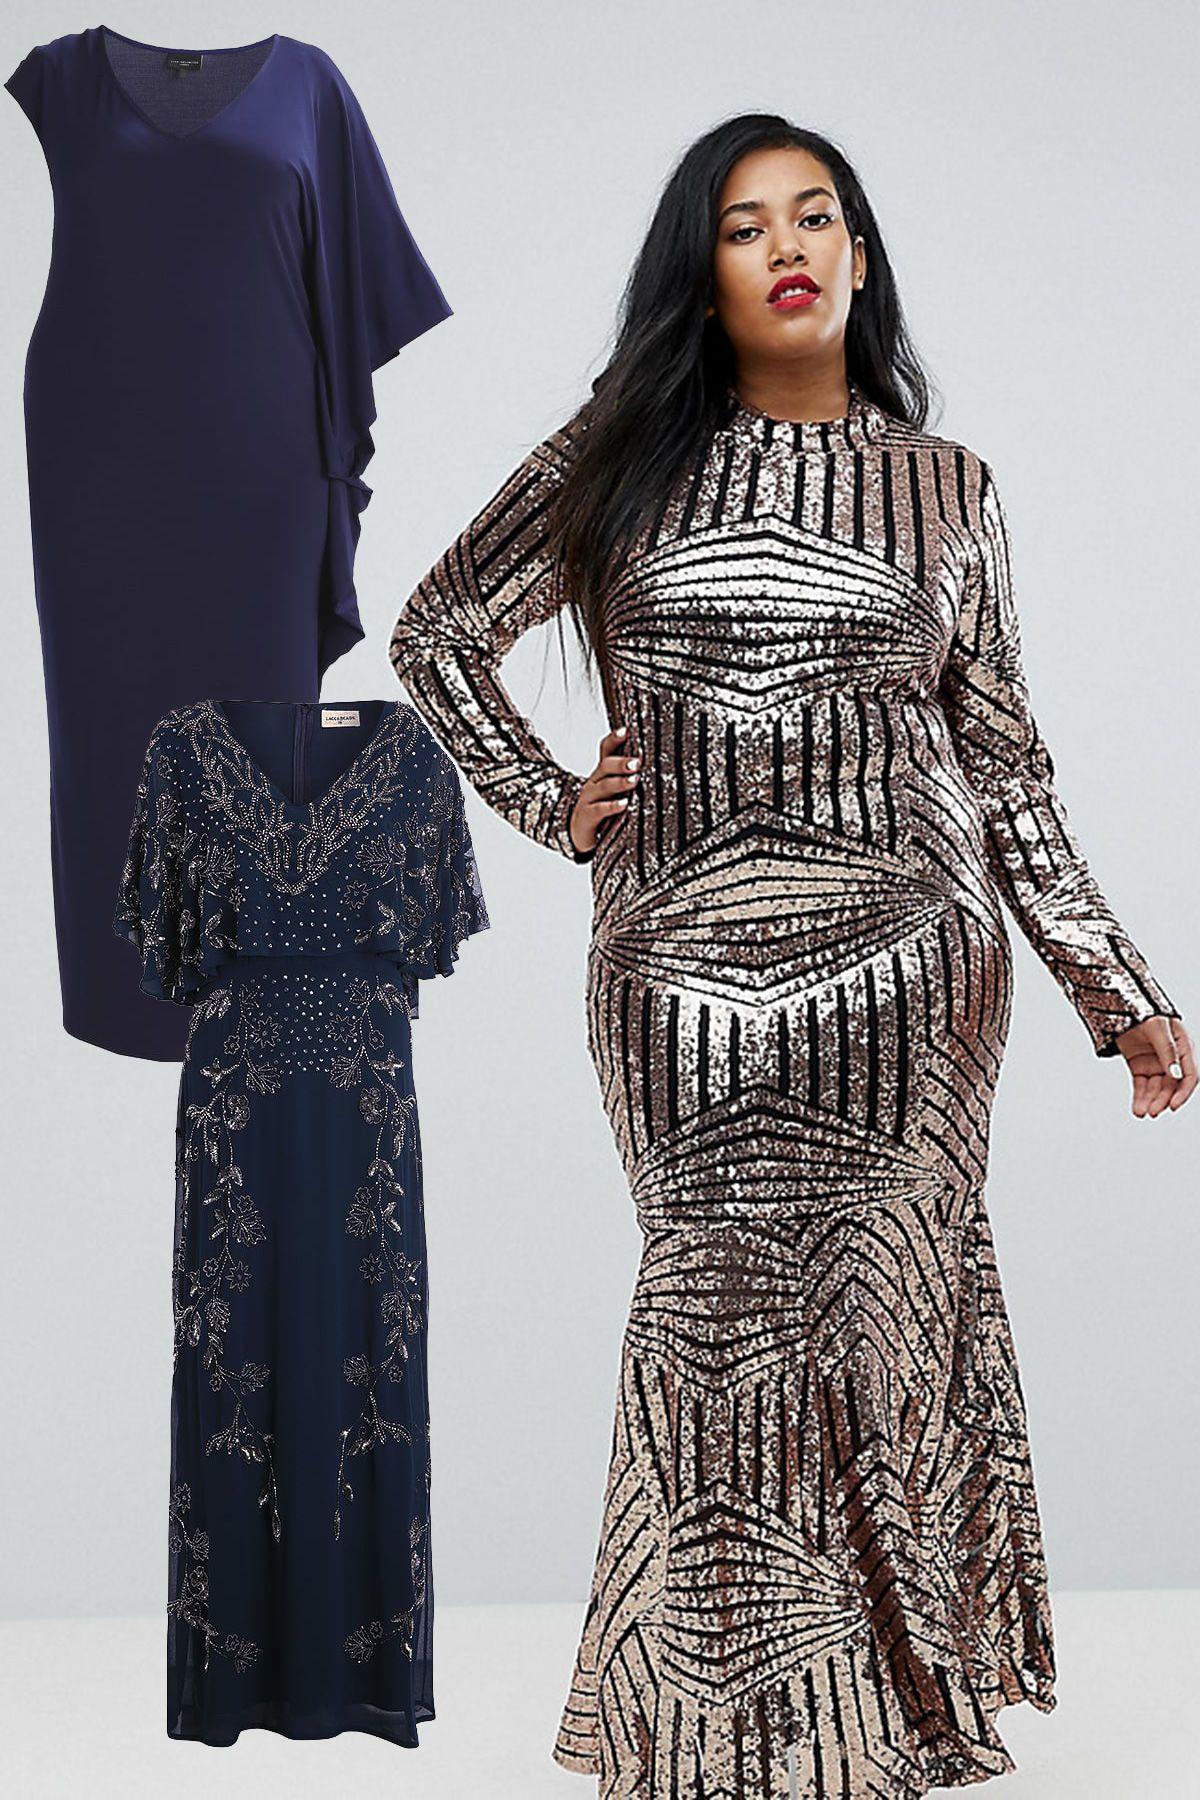 Abendkleider für große Größen: Tolle Partymode  Abendkleid Bilder